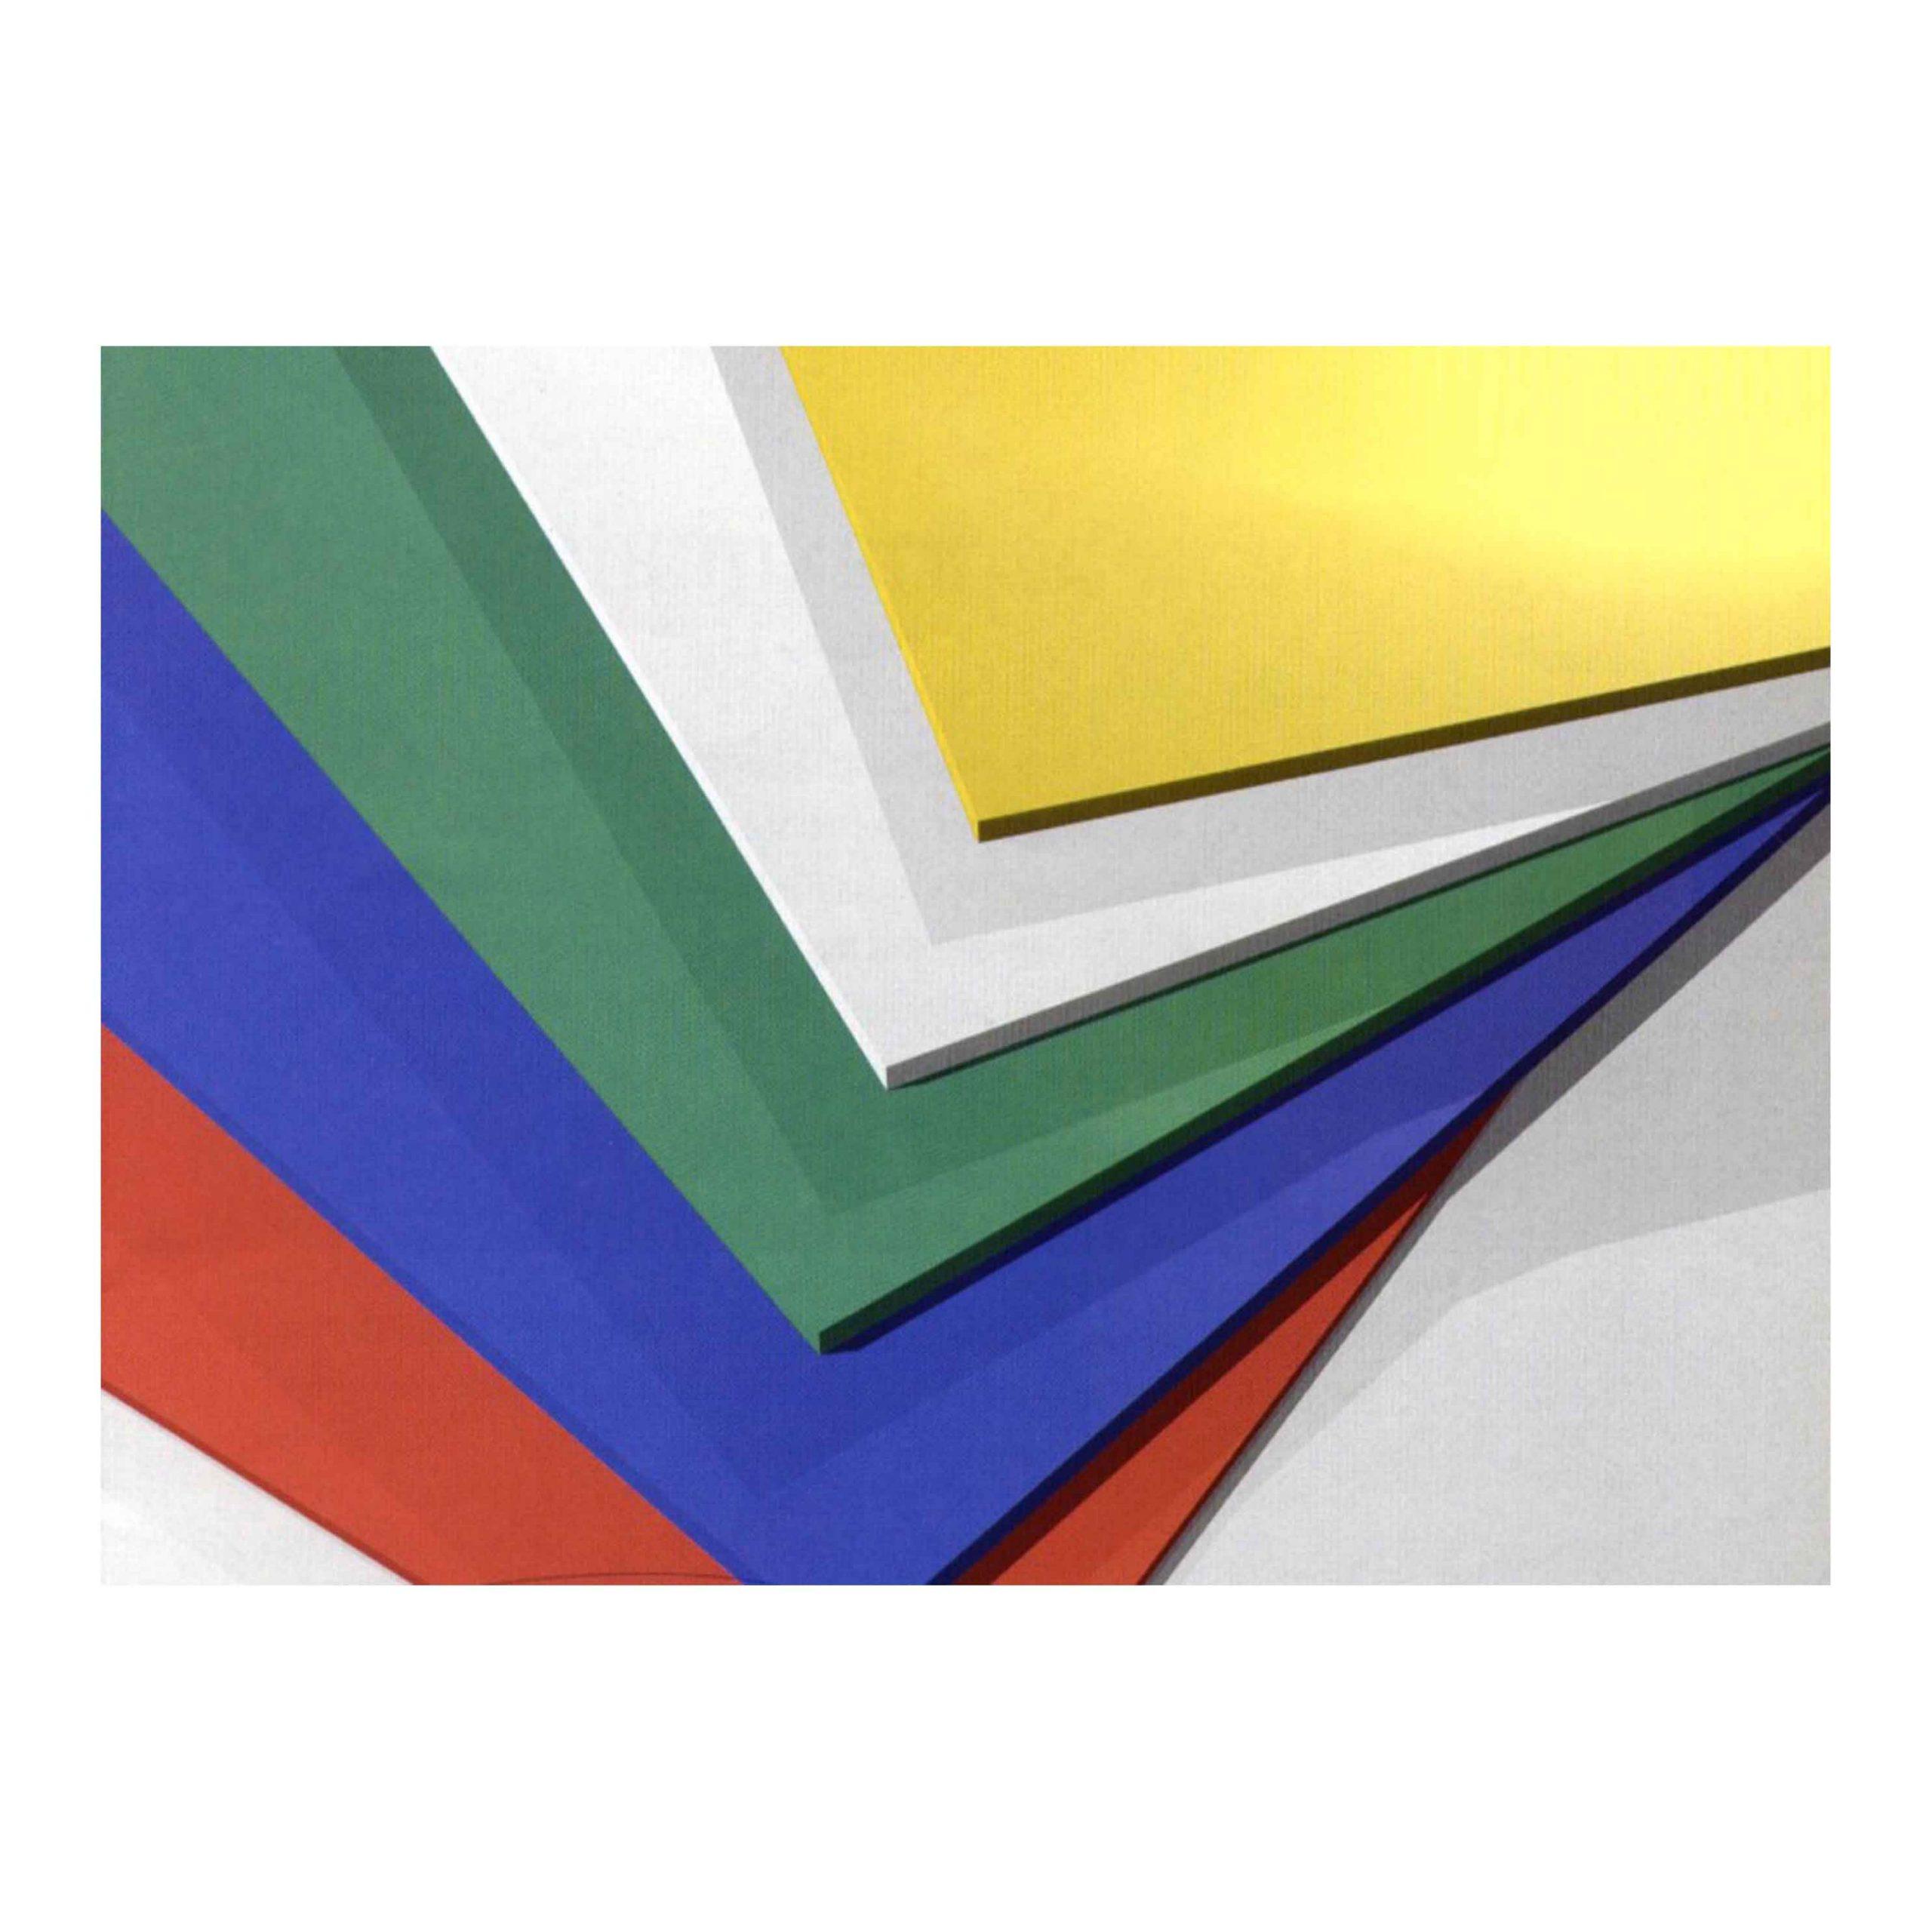 PLAQUE_PVC_EXPANSE_COULEUR_MAT_REF_6513_SEMI_RIGIDE_BSB_CAOUTCHOUCS_PLASTIQUES